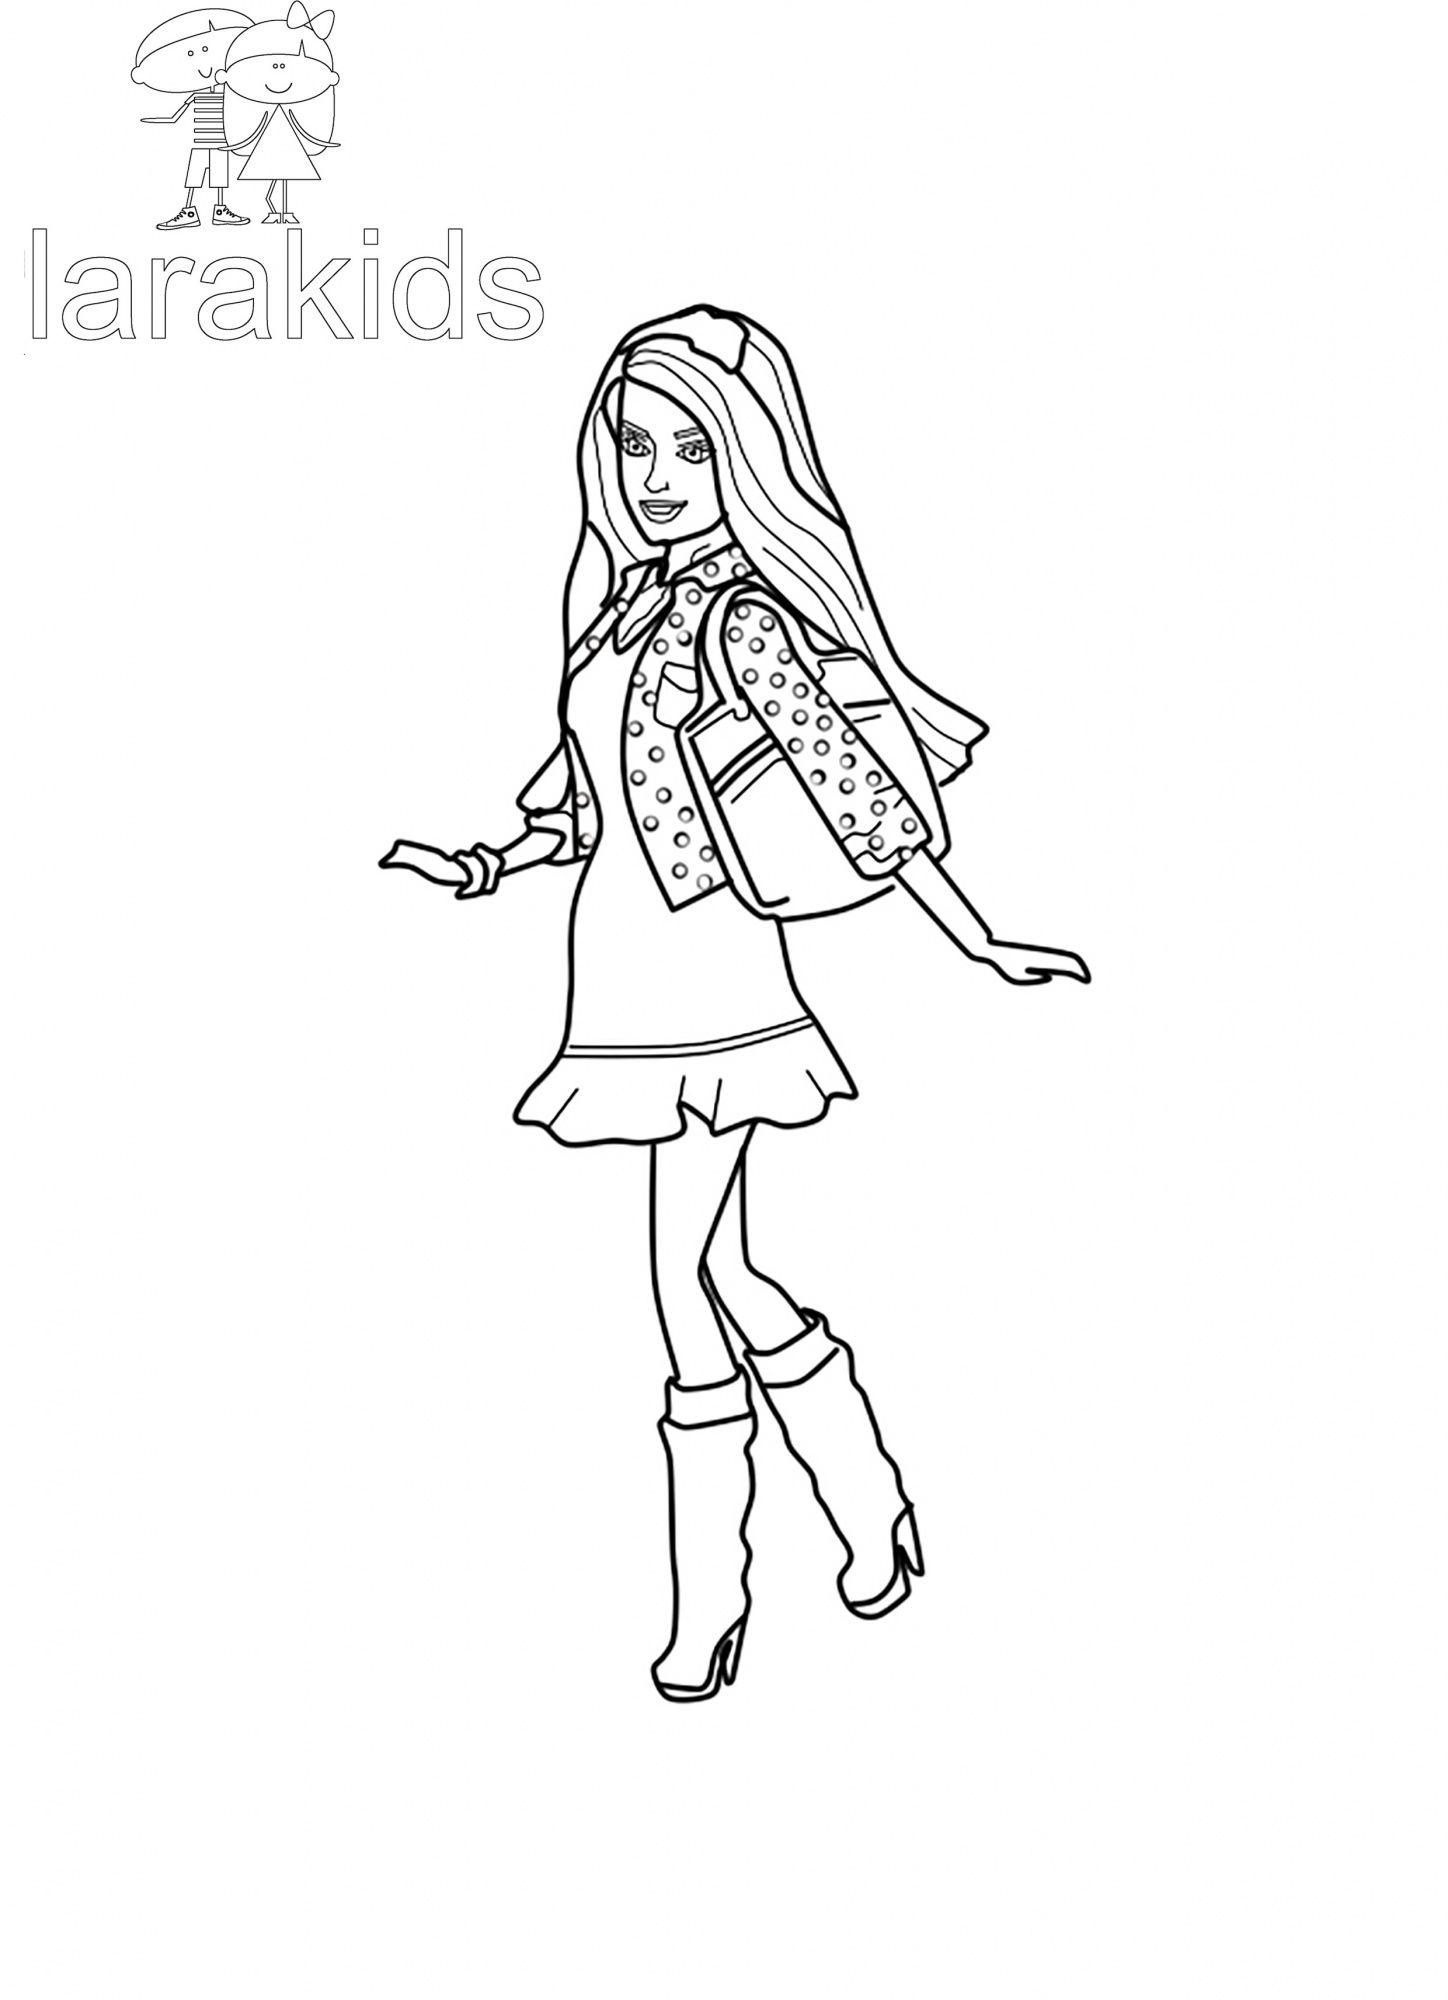 Ausmalbilder Zum Drucken Barbie : Drucken F Rbung Barbie Teresa In Einem Kleid Ausmalbilder Barbie